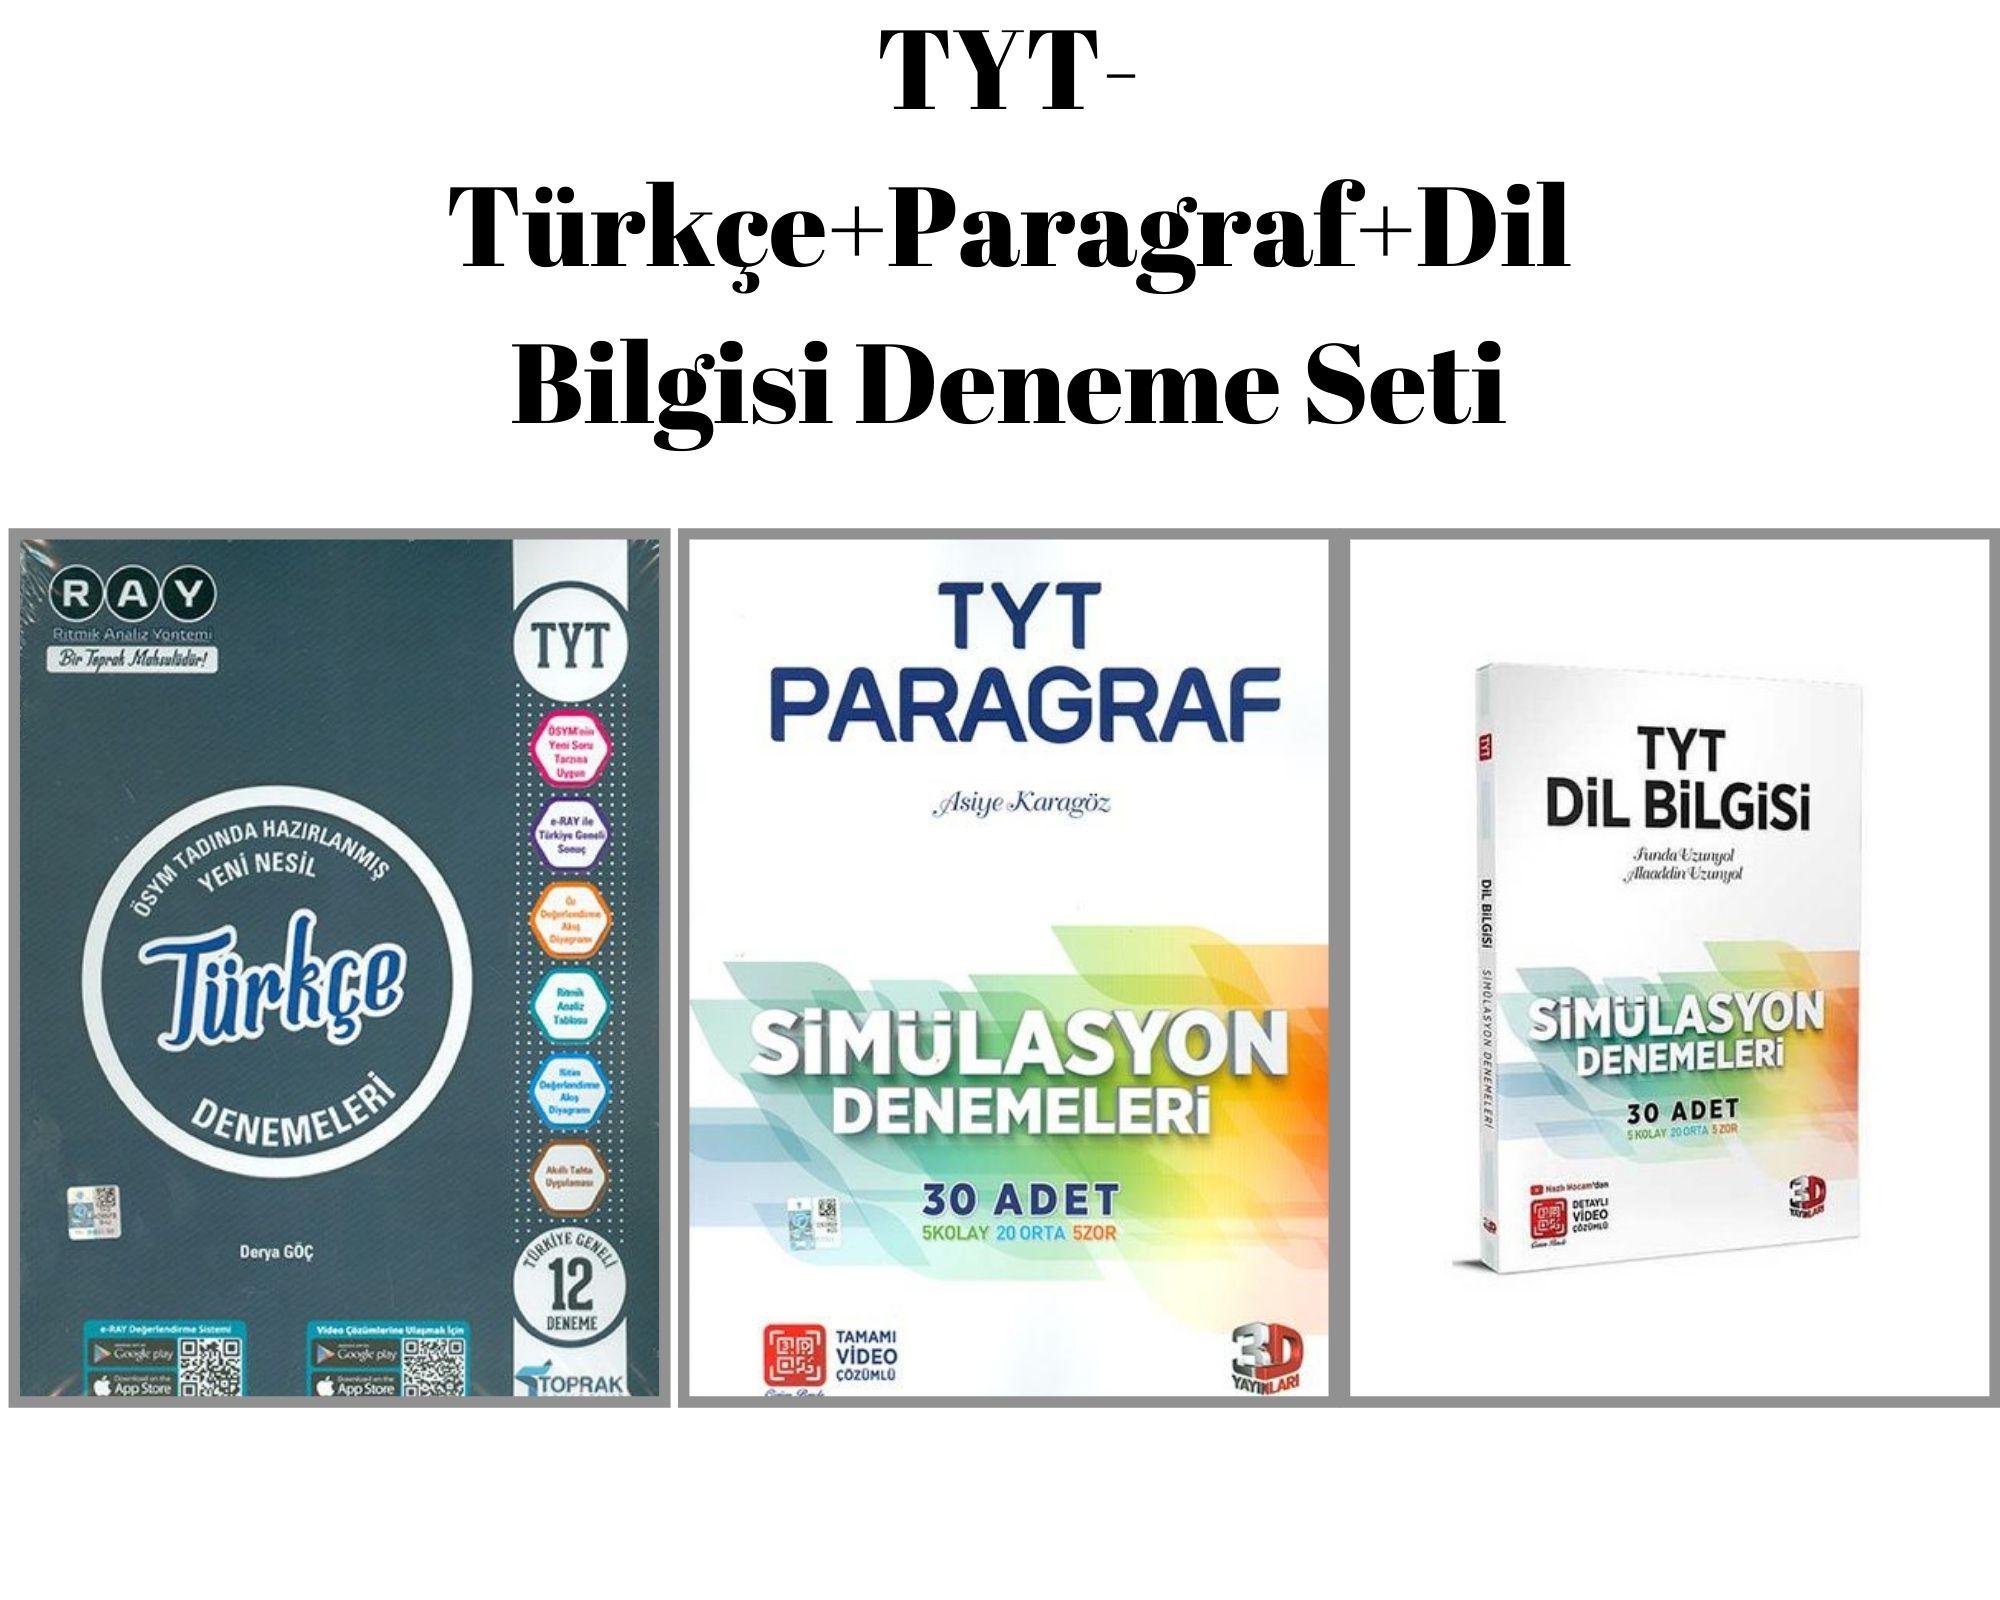 TYT-Türkçe+Paragraf+Dil Bilgisi Deneme Seti